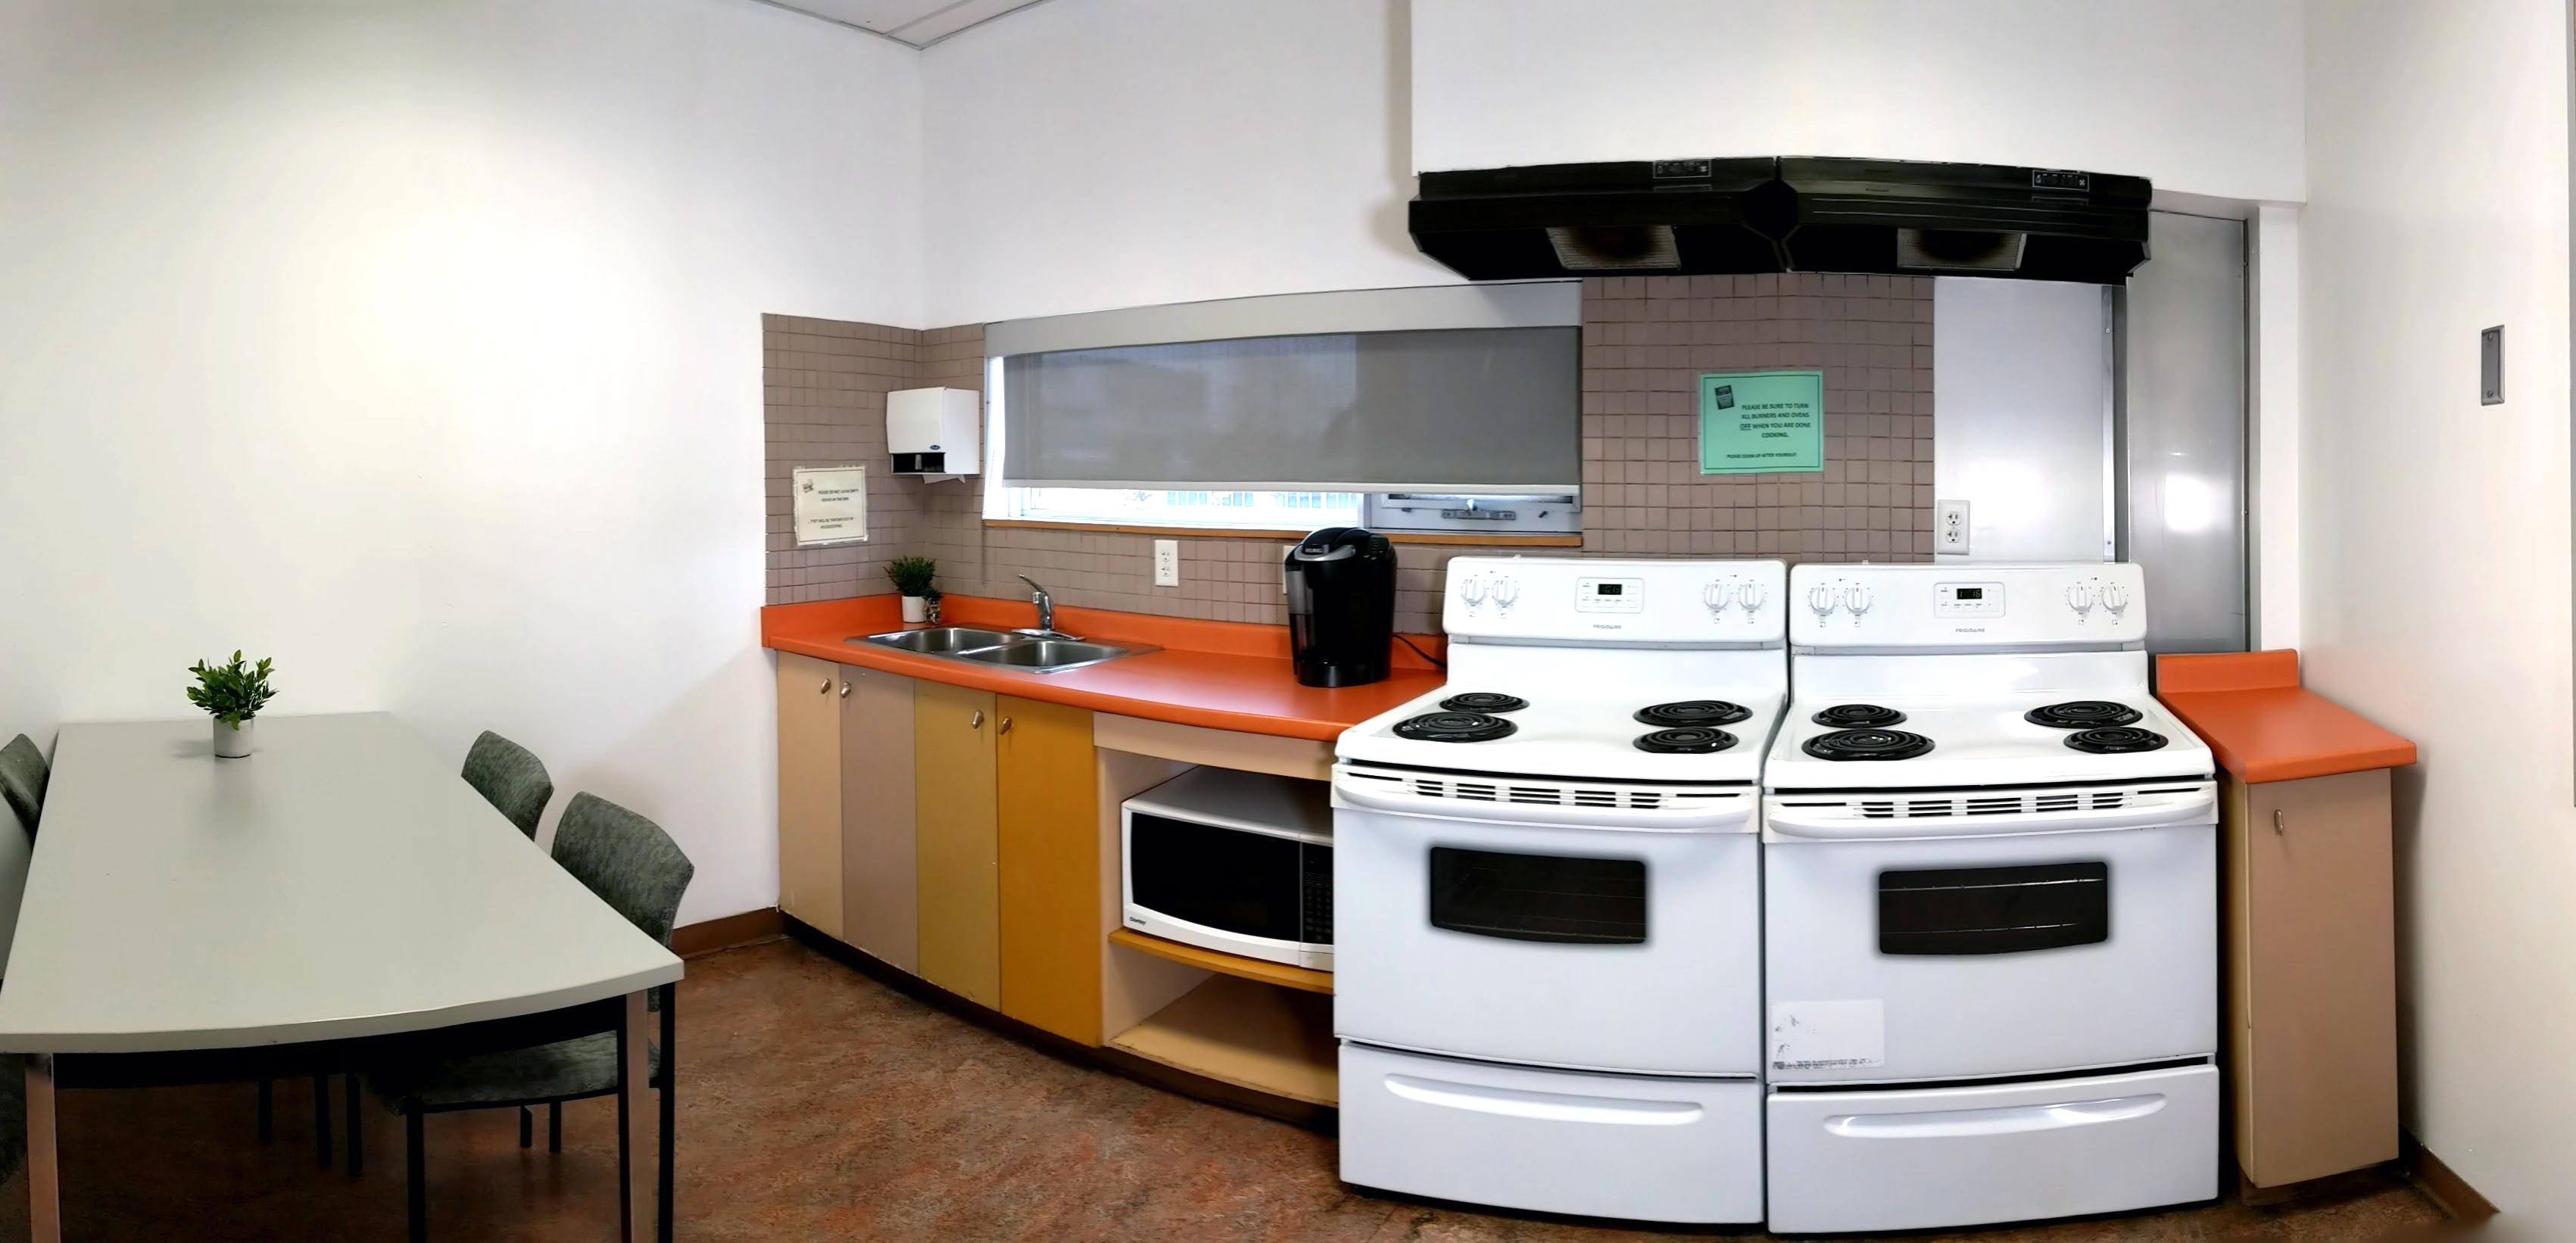 Alumni kitchen